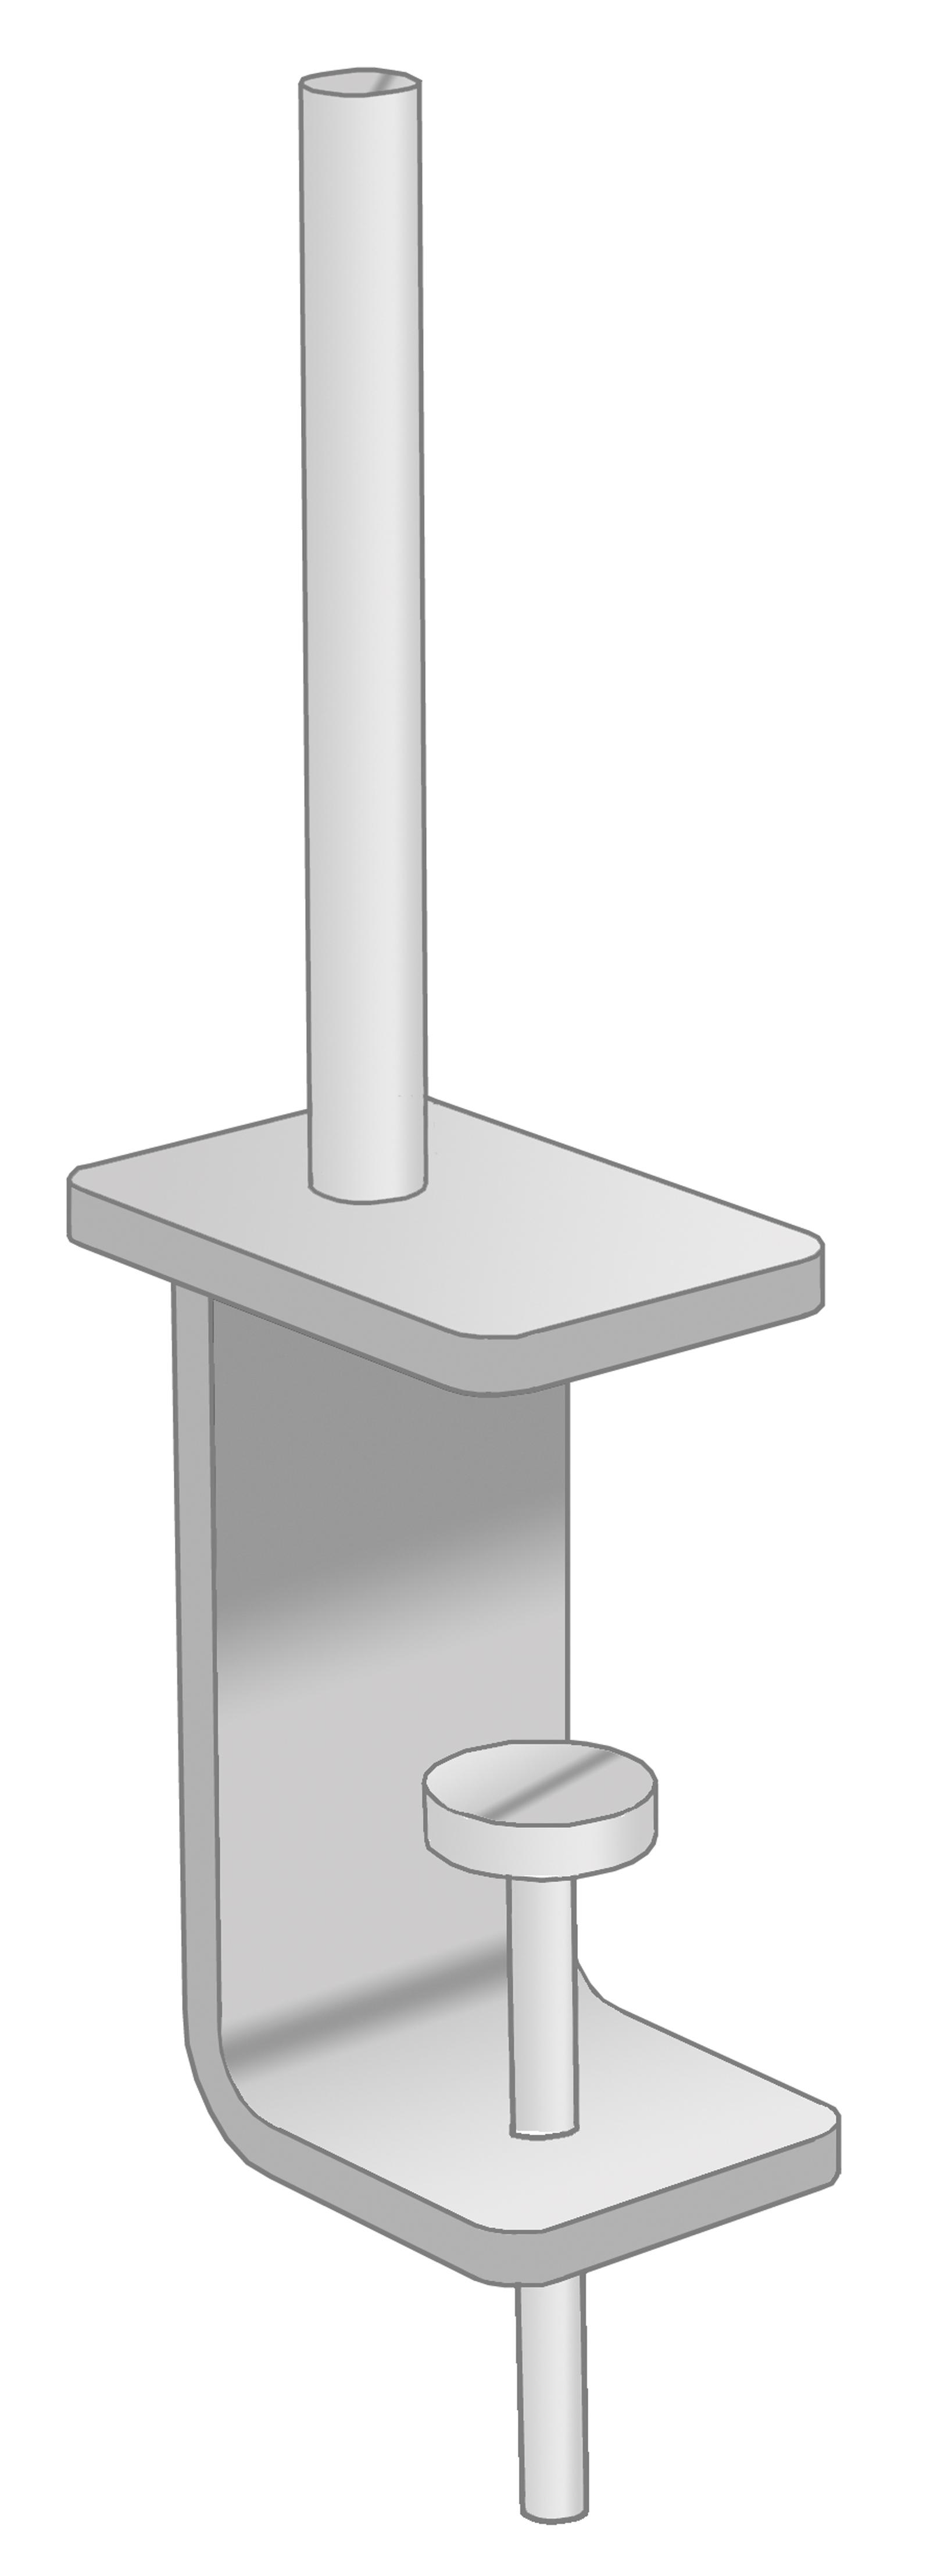 Universal desktop screen brackets (pair)